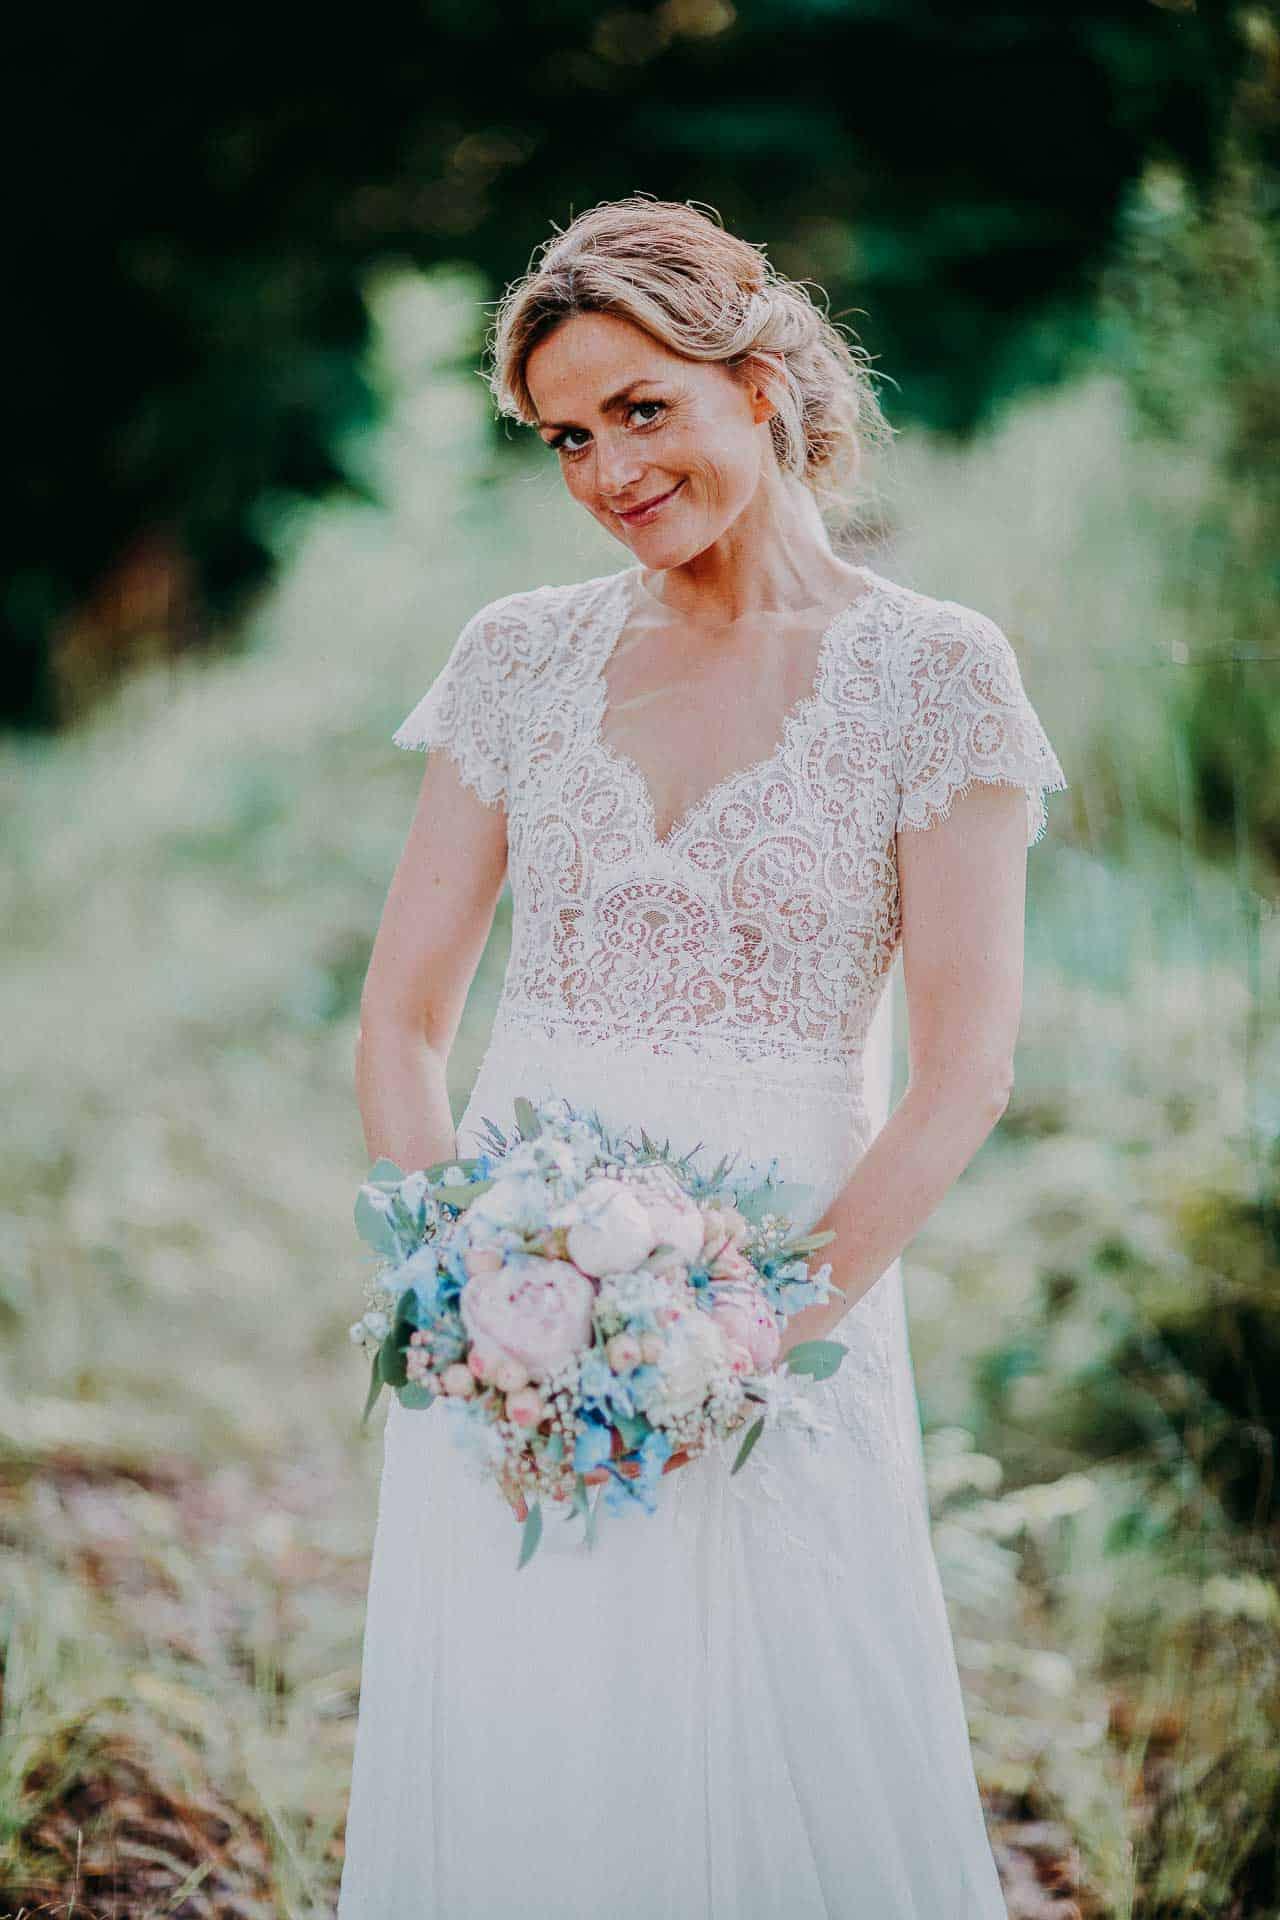 Erhvervs-, Portræt- & Bryllupsfotograf – Drone optagelser